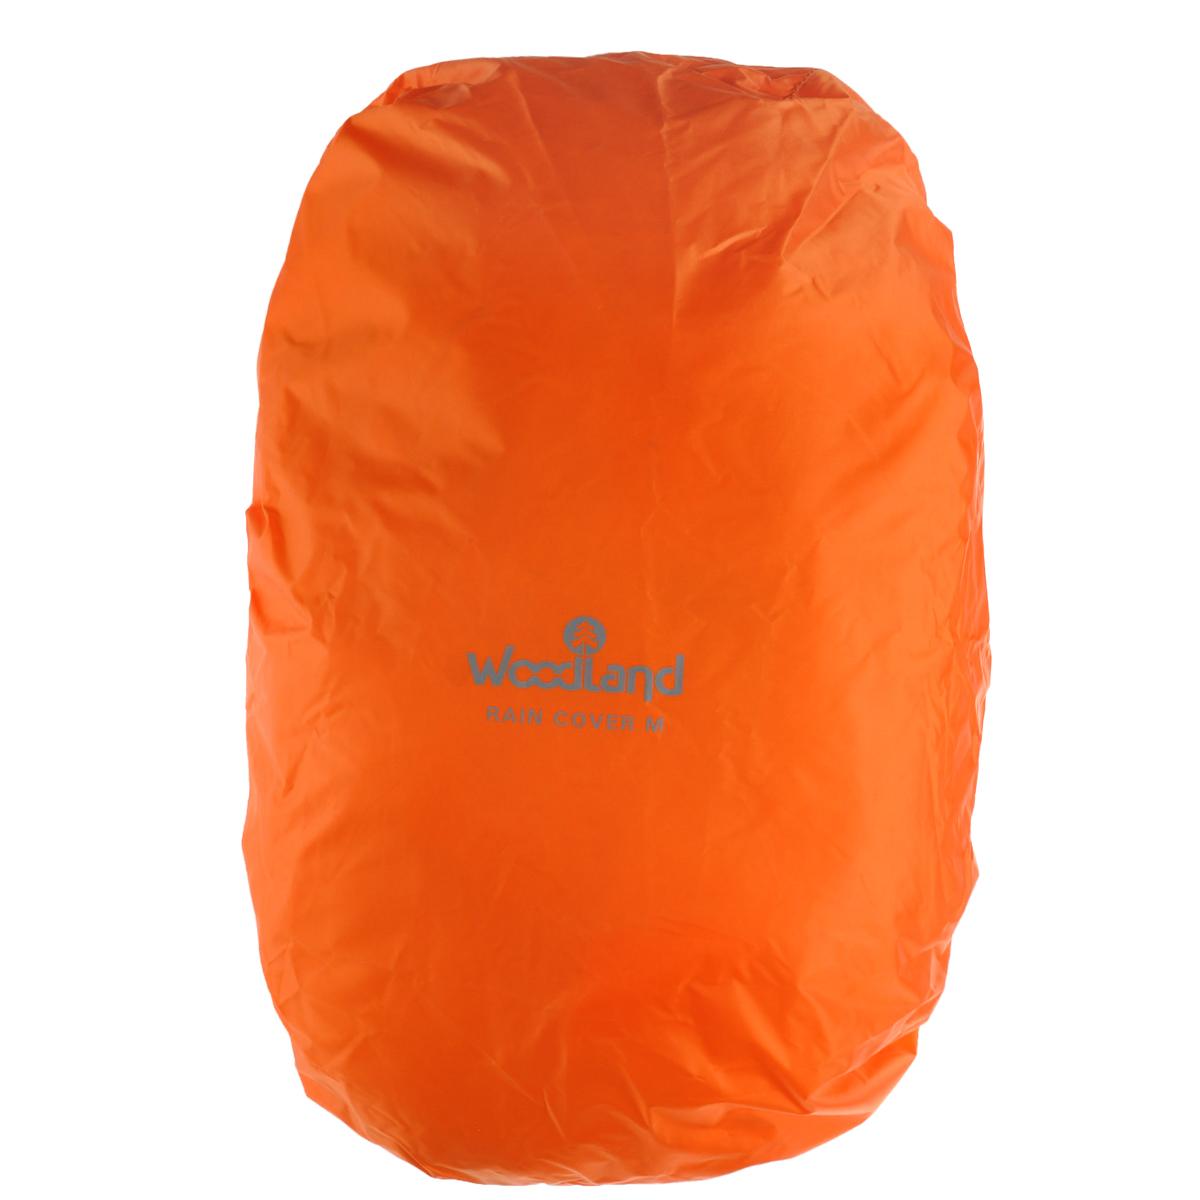 Чехол штормовой для рюкзака WoodLand Raincover, цвет: оранжевый. Размер M67742Защитный чехол WoodLand Raincover используется для рюкзаков большого объема. Он обеспечивает достойную защиту рюкзака в суровых условиях. Чехол выполнен из полиэстера 75D 5000 мм. Закрывается на шнурок на кулиске.